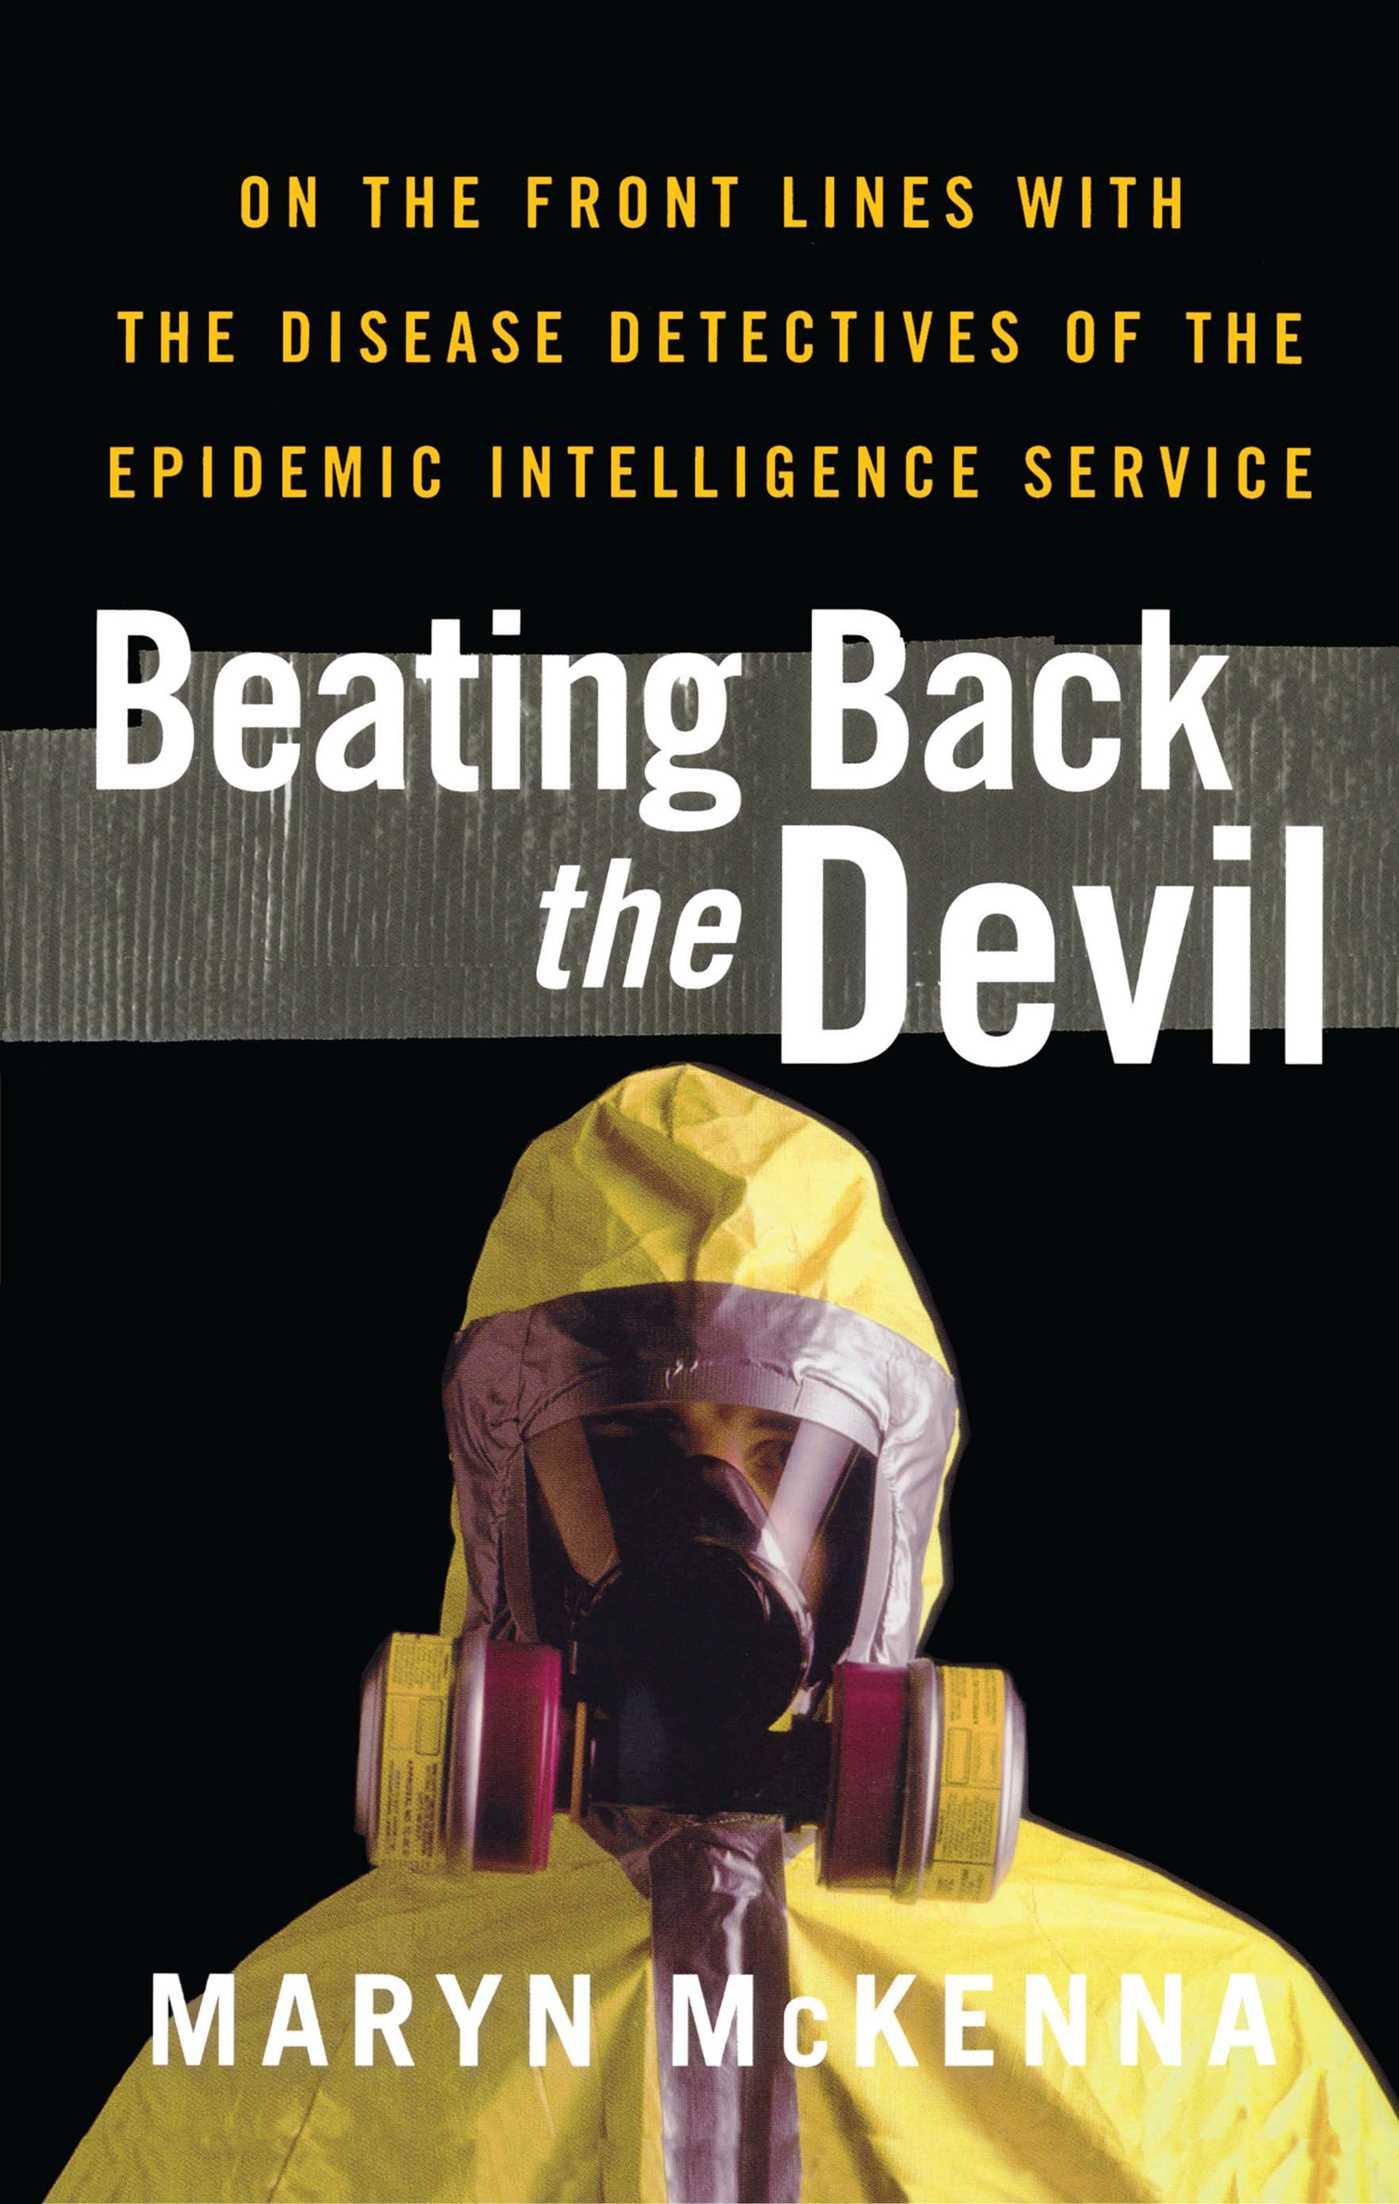 Beating back the devil 9781439123102 hr